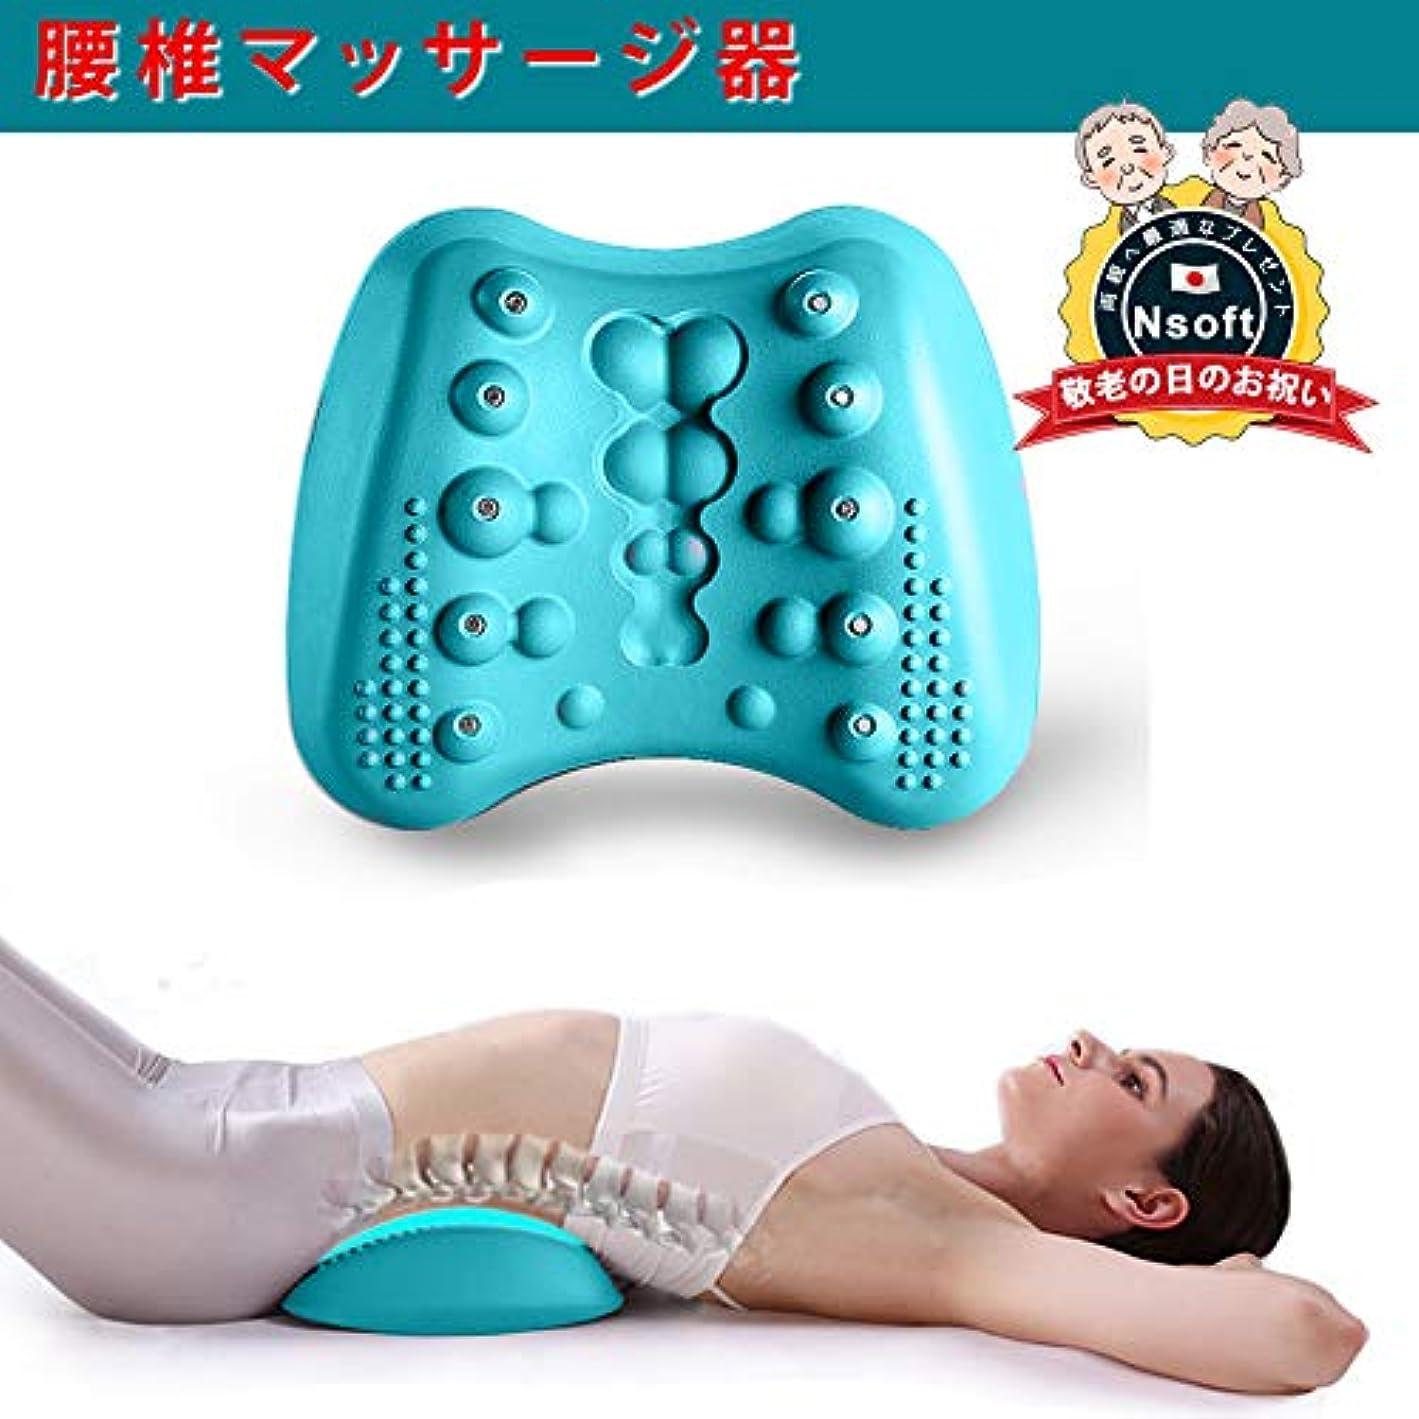 早める走る束腰椎矯正器 腰マッサージ器 脊椎牽引器 腰部パッド マグネット指圧 疲労を和らげる 腰痛を和らげる